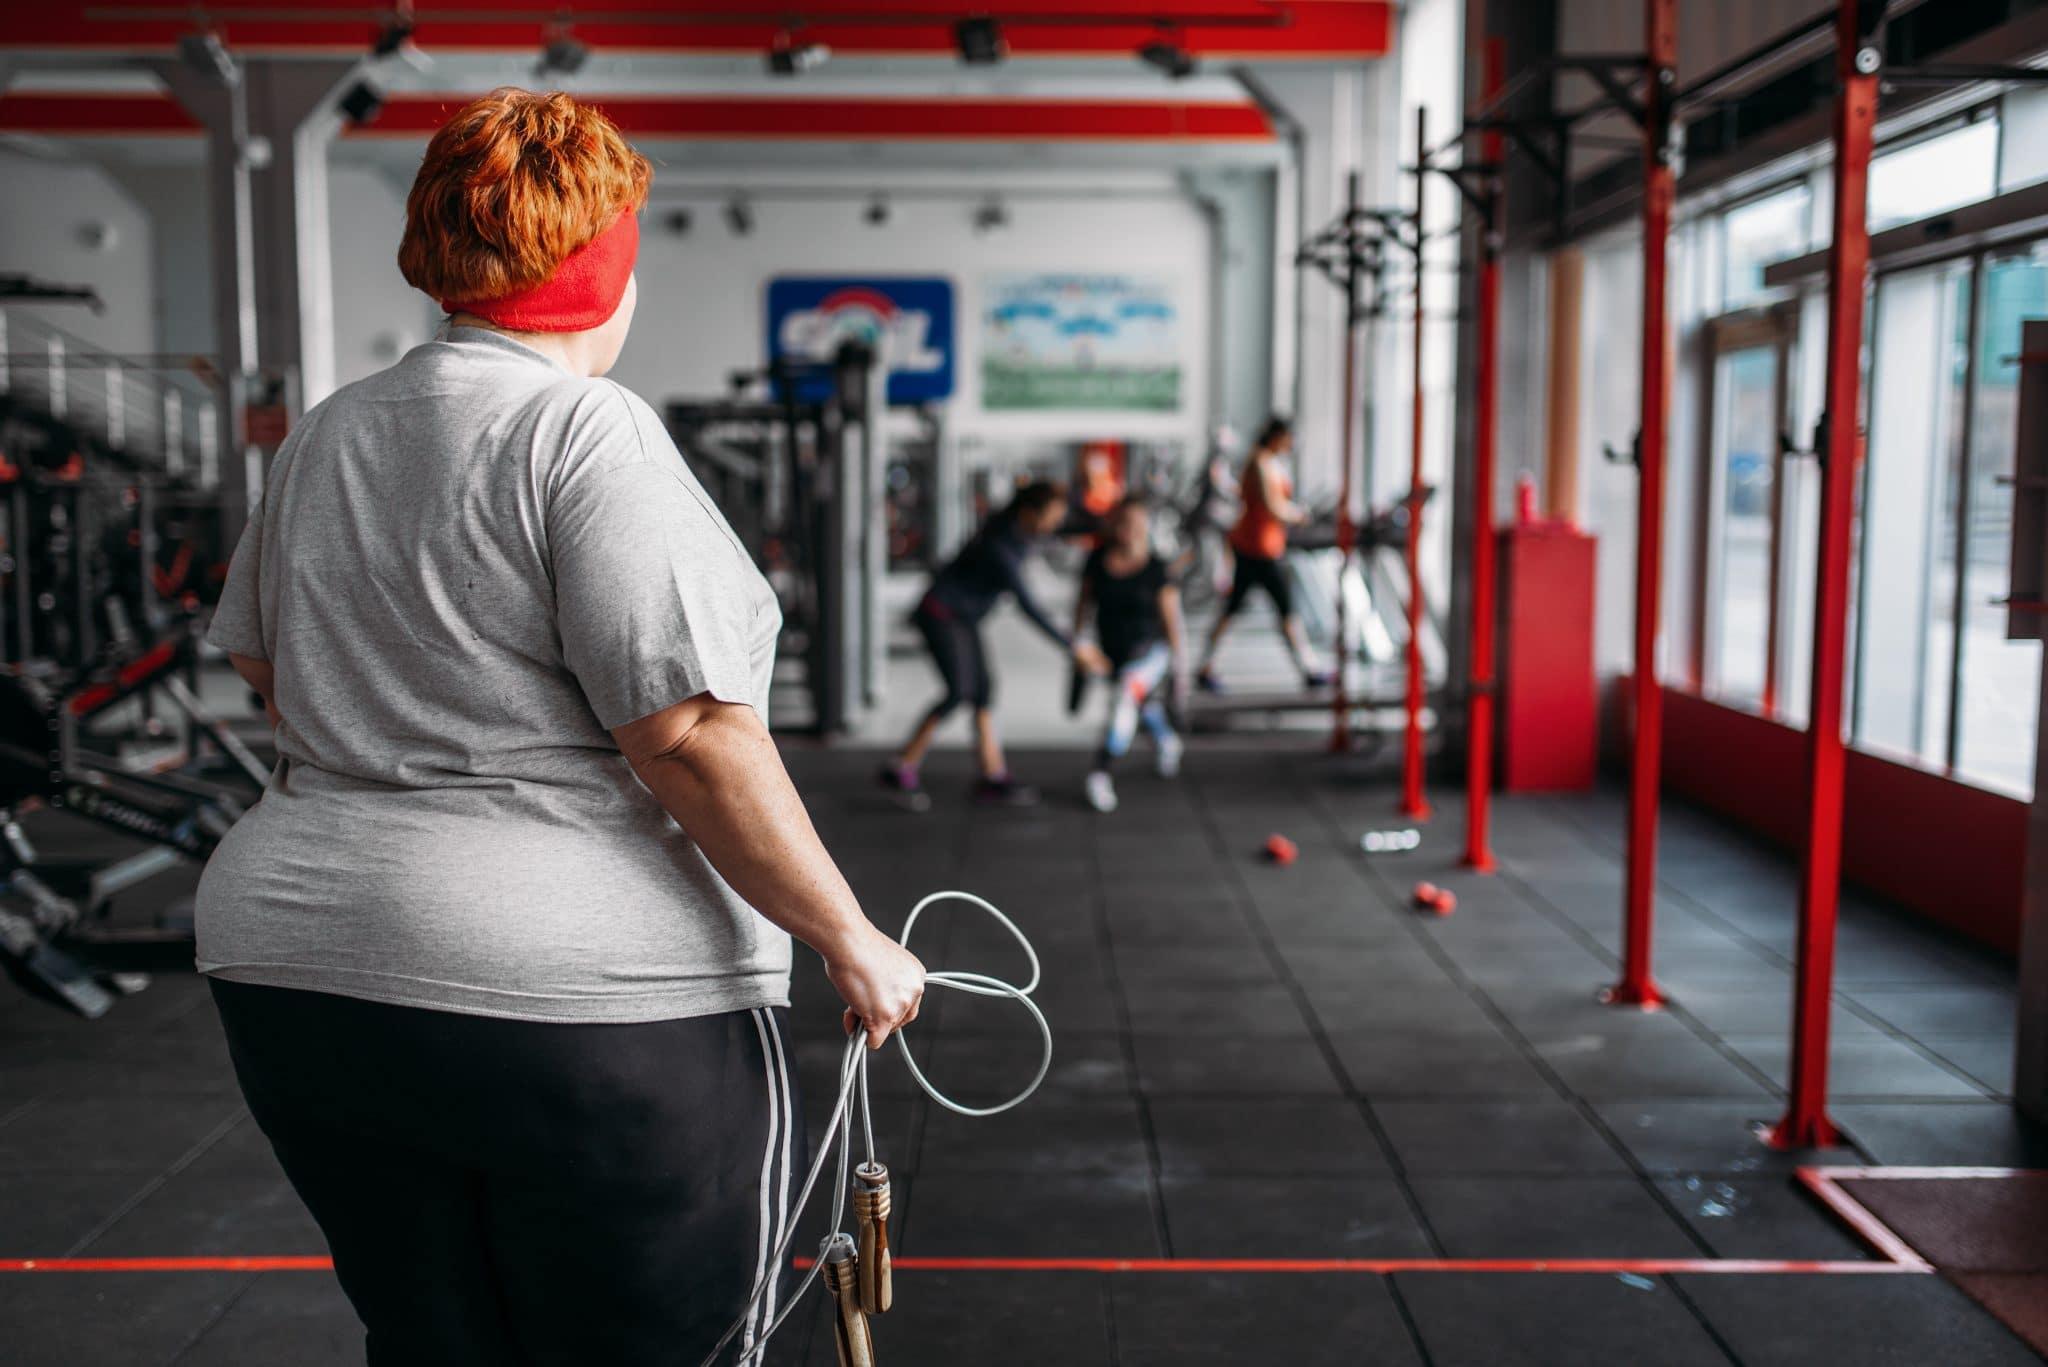 Photo of 10 أسباب تؤدي إلى الوزن الزائد ونصائح للتخلص منه